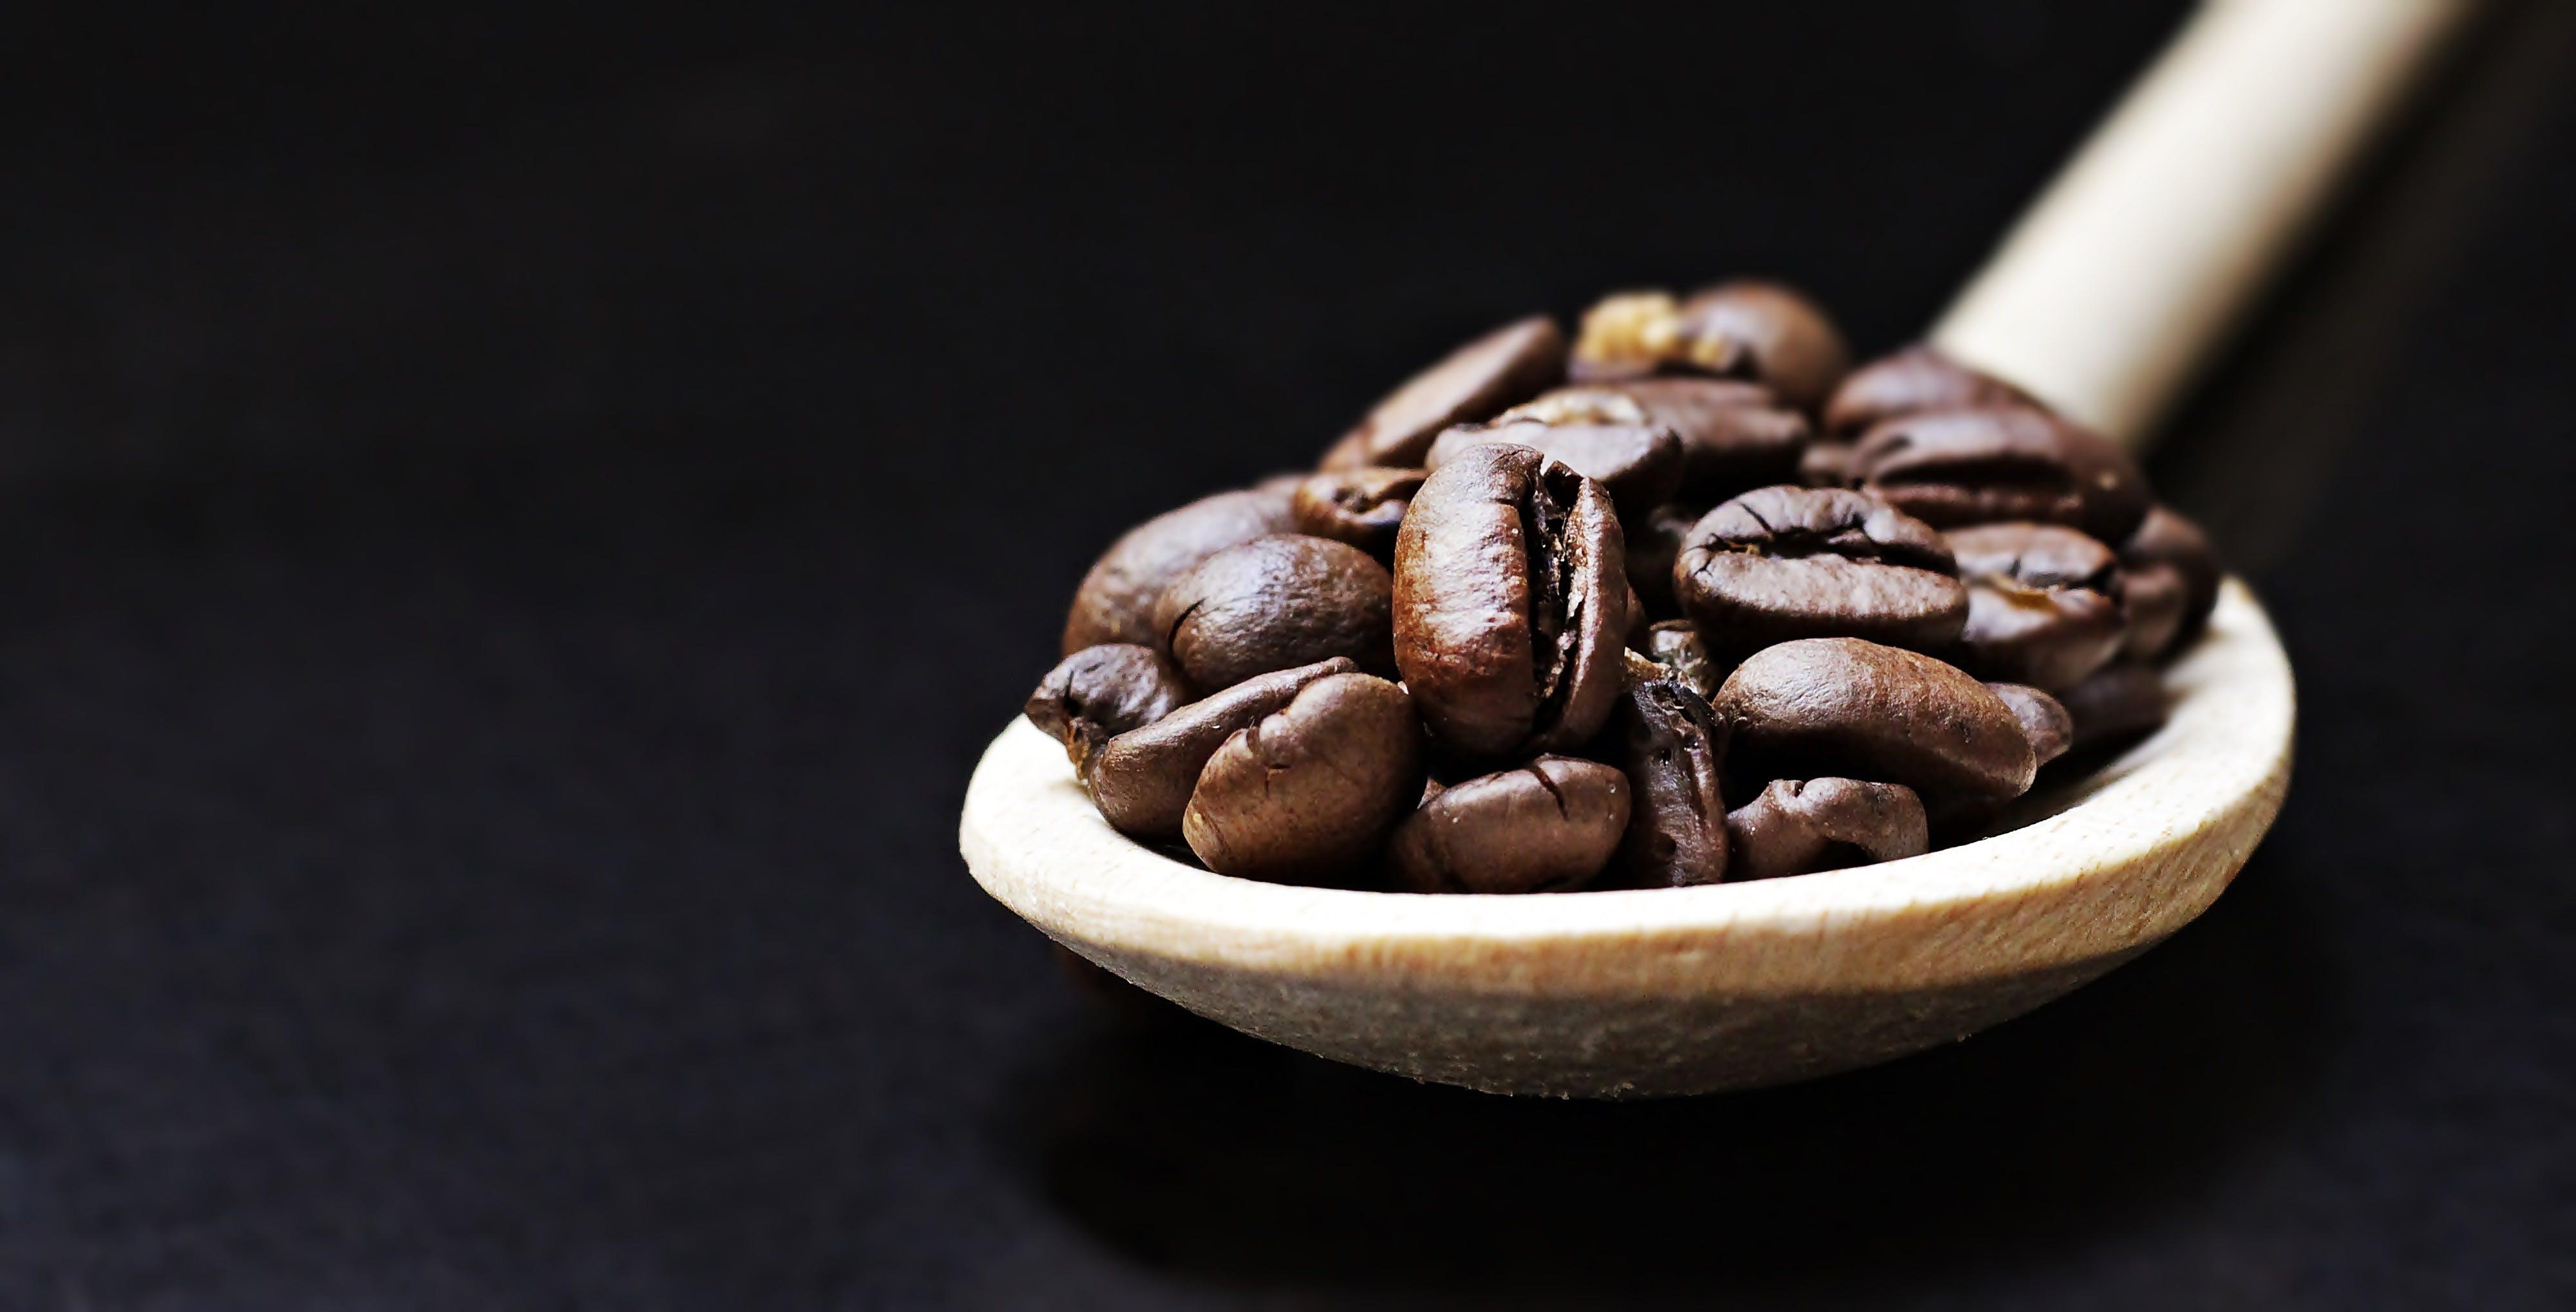 Kostenloses Stock Foto zu bohnen, holzlöffel, kaffee, kaffeebohnen